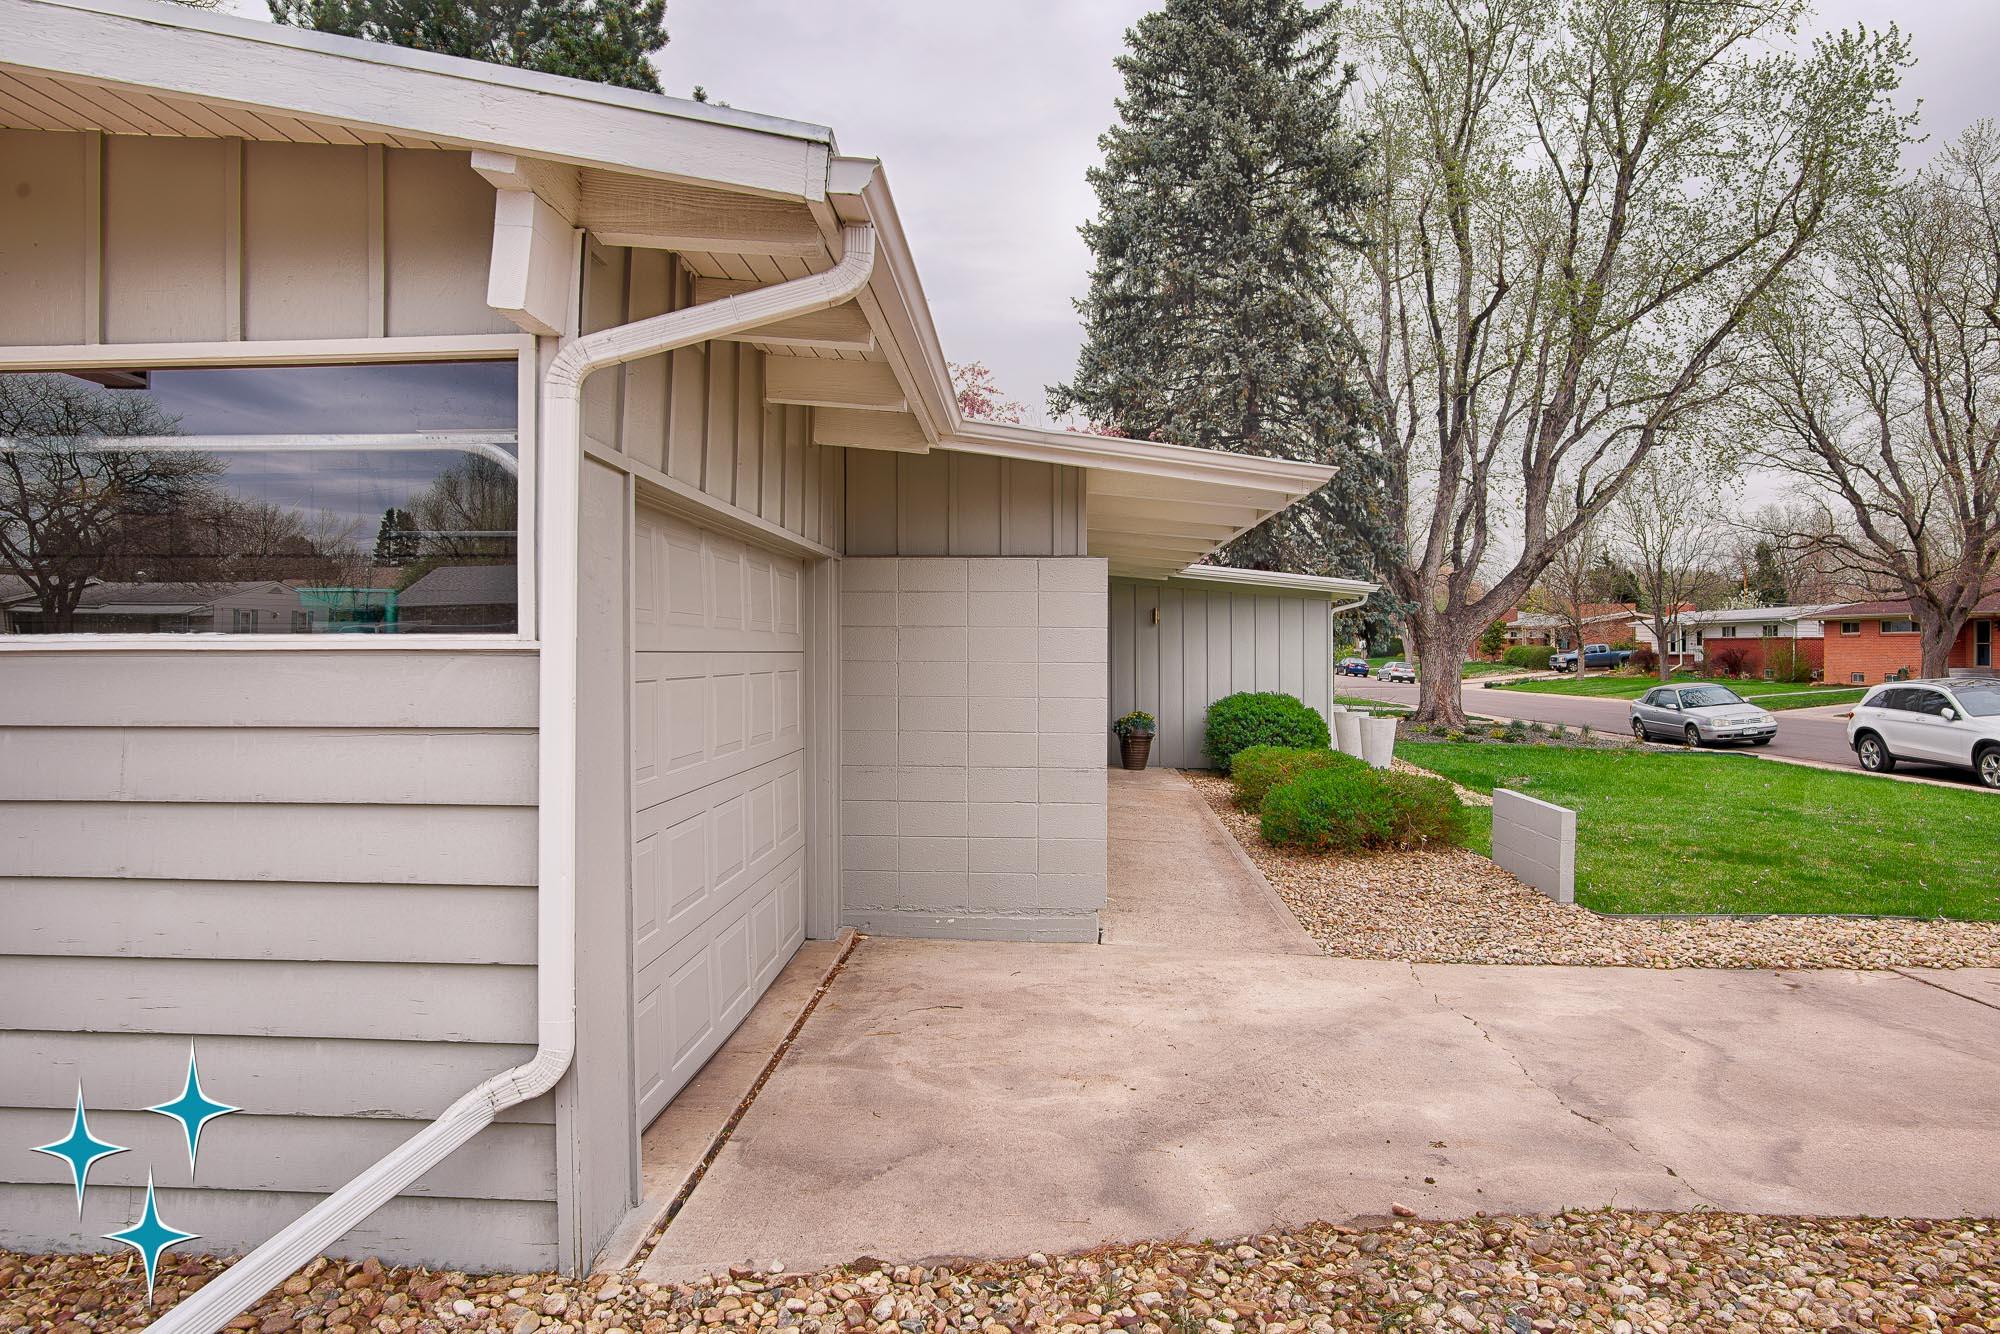 Adrian-Kinney-2671-S-Dennison-Court-Denver-Eugene-Sternberg-2000w50-3SWM-27.jpg